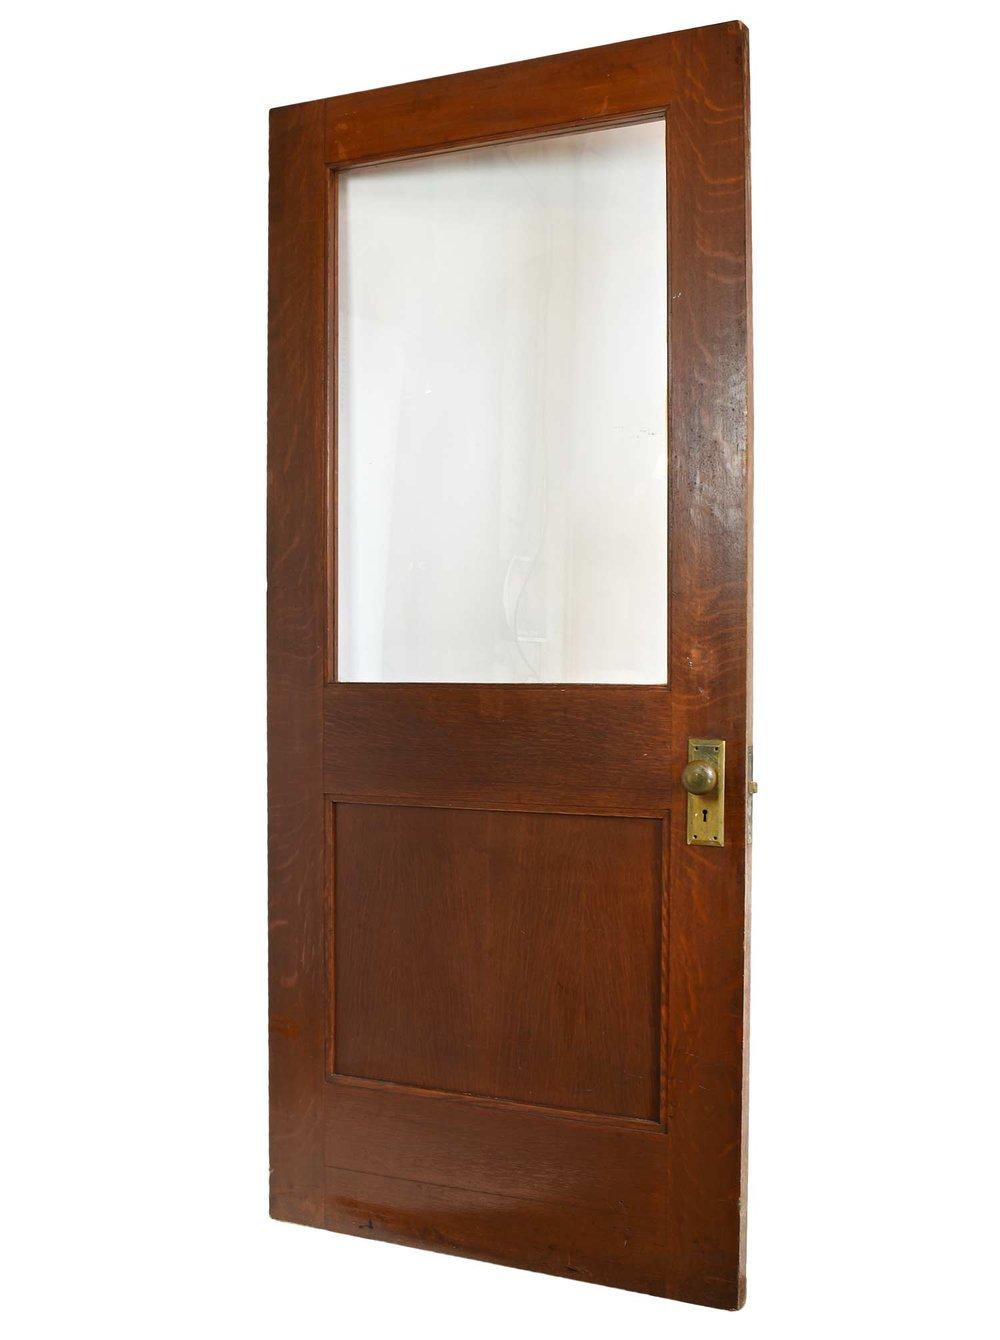 46159-wide-quartersawn-half-view-oak-door-angle.jpg